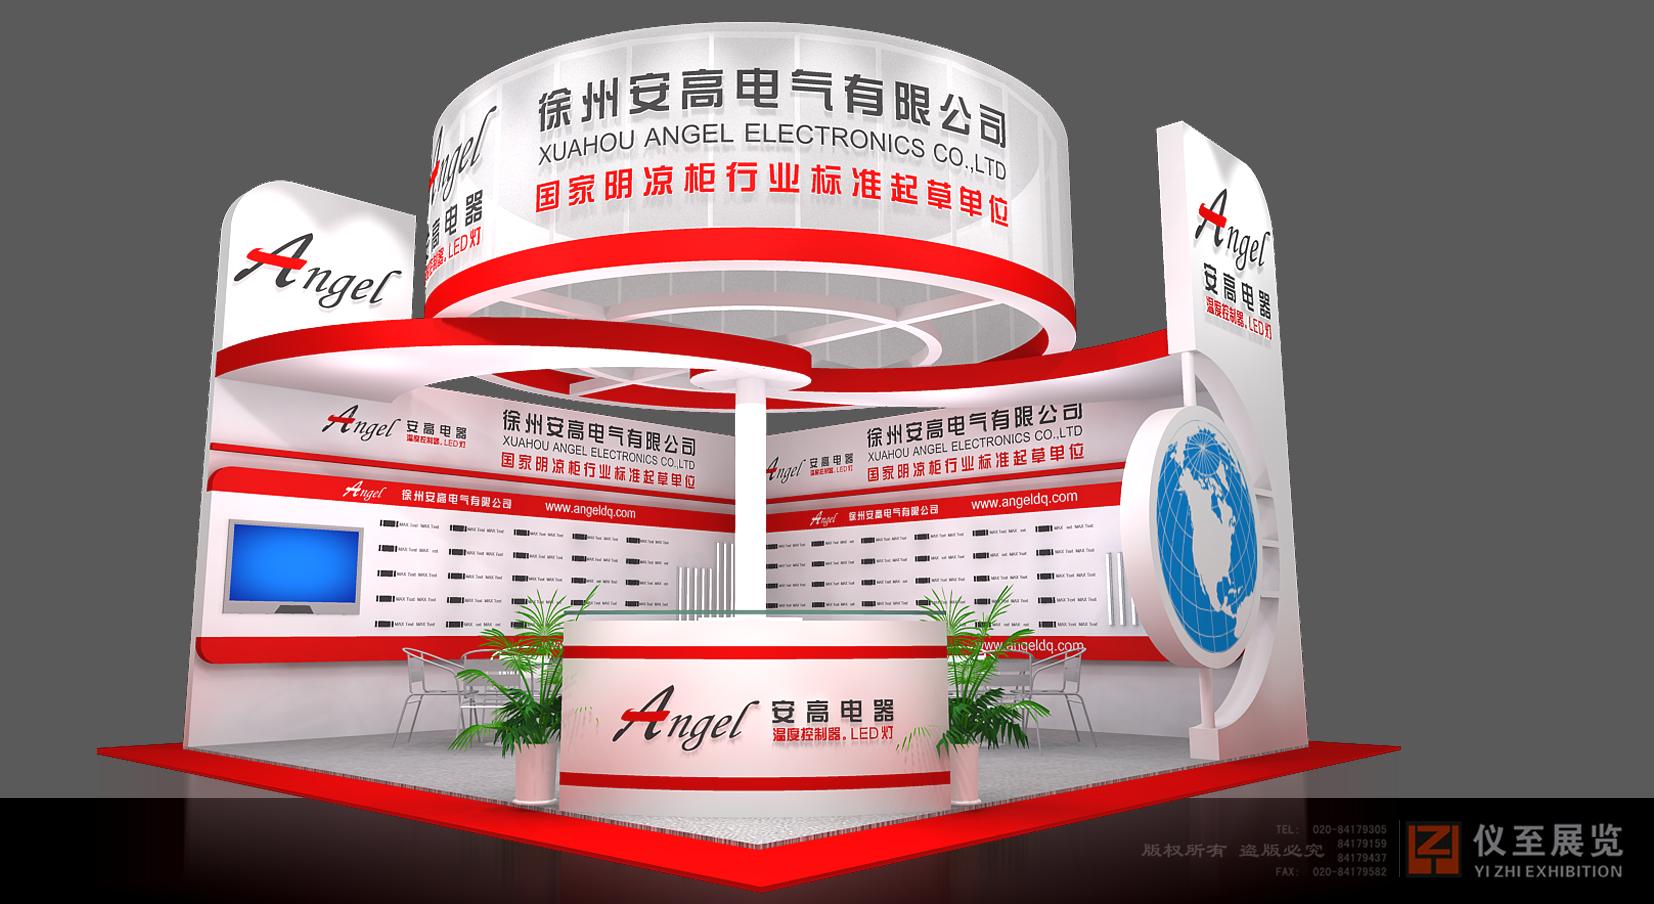 安高电气--酒店用品展展台设计